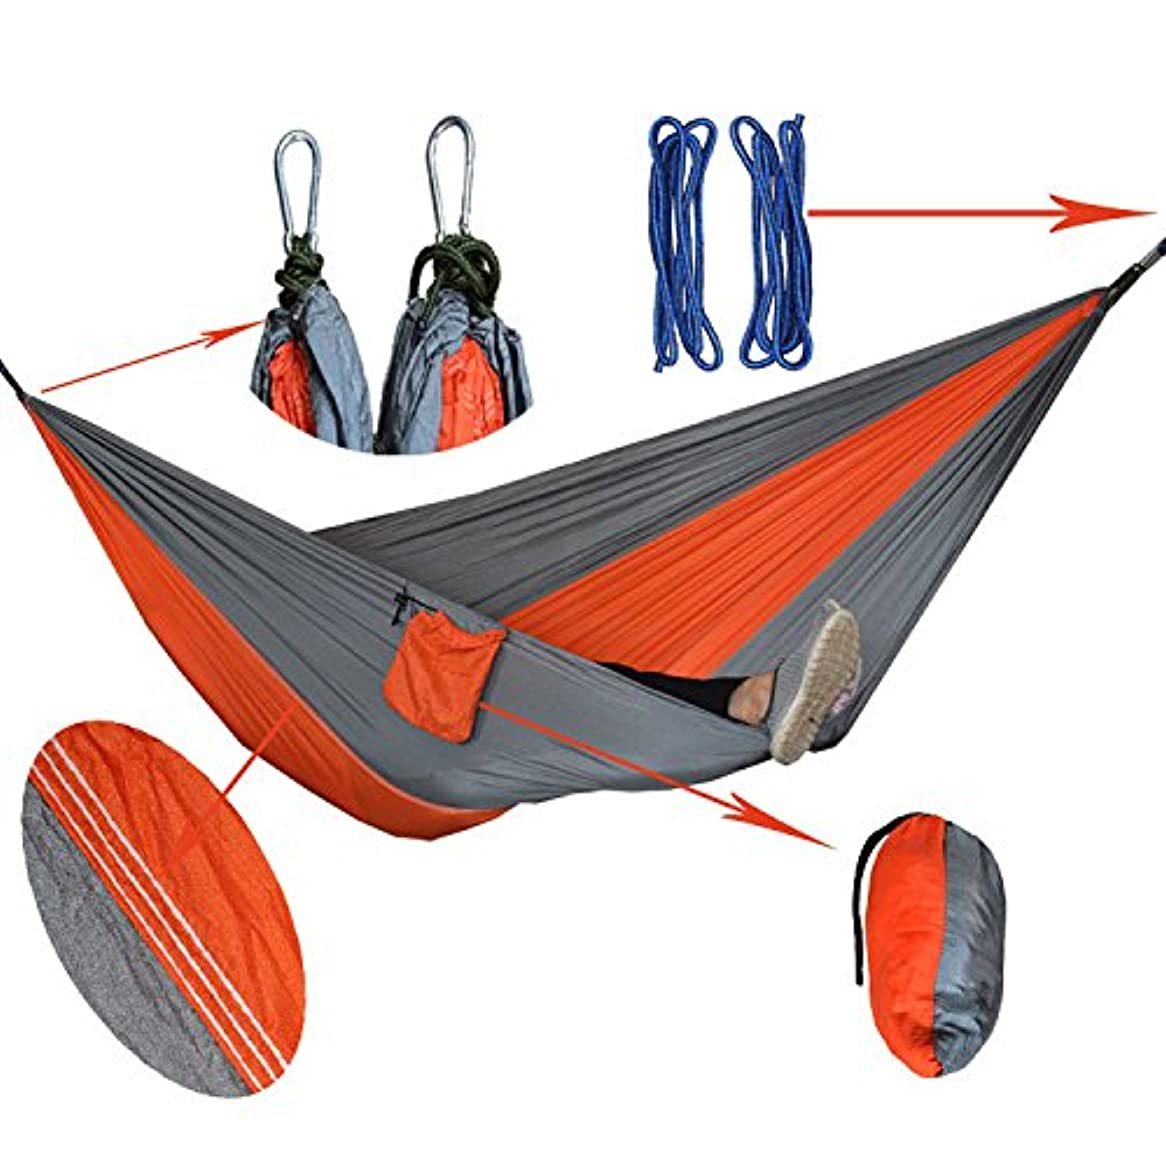 起きて豊富ジャンプCDKET ハンモック、軽くて持ち運びが簡単ハンモックキャンプハンモックアウトドアハンモックファミリーレジャーハンモック